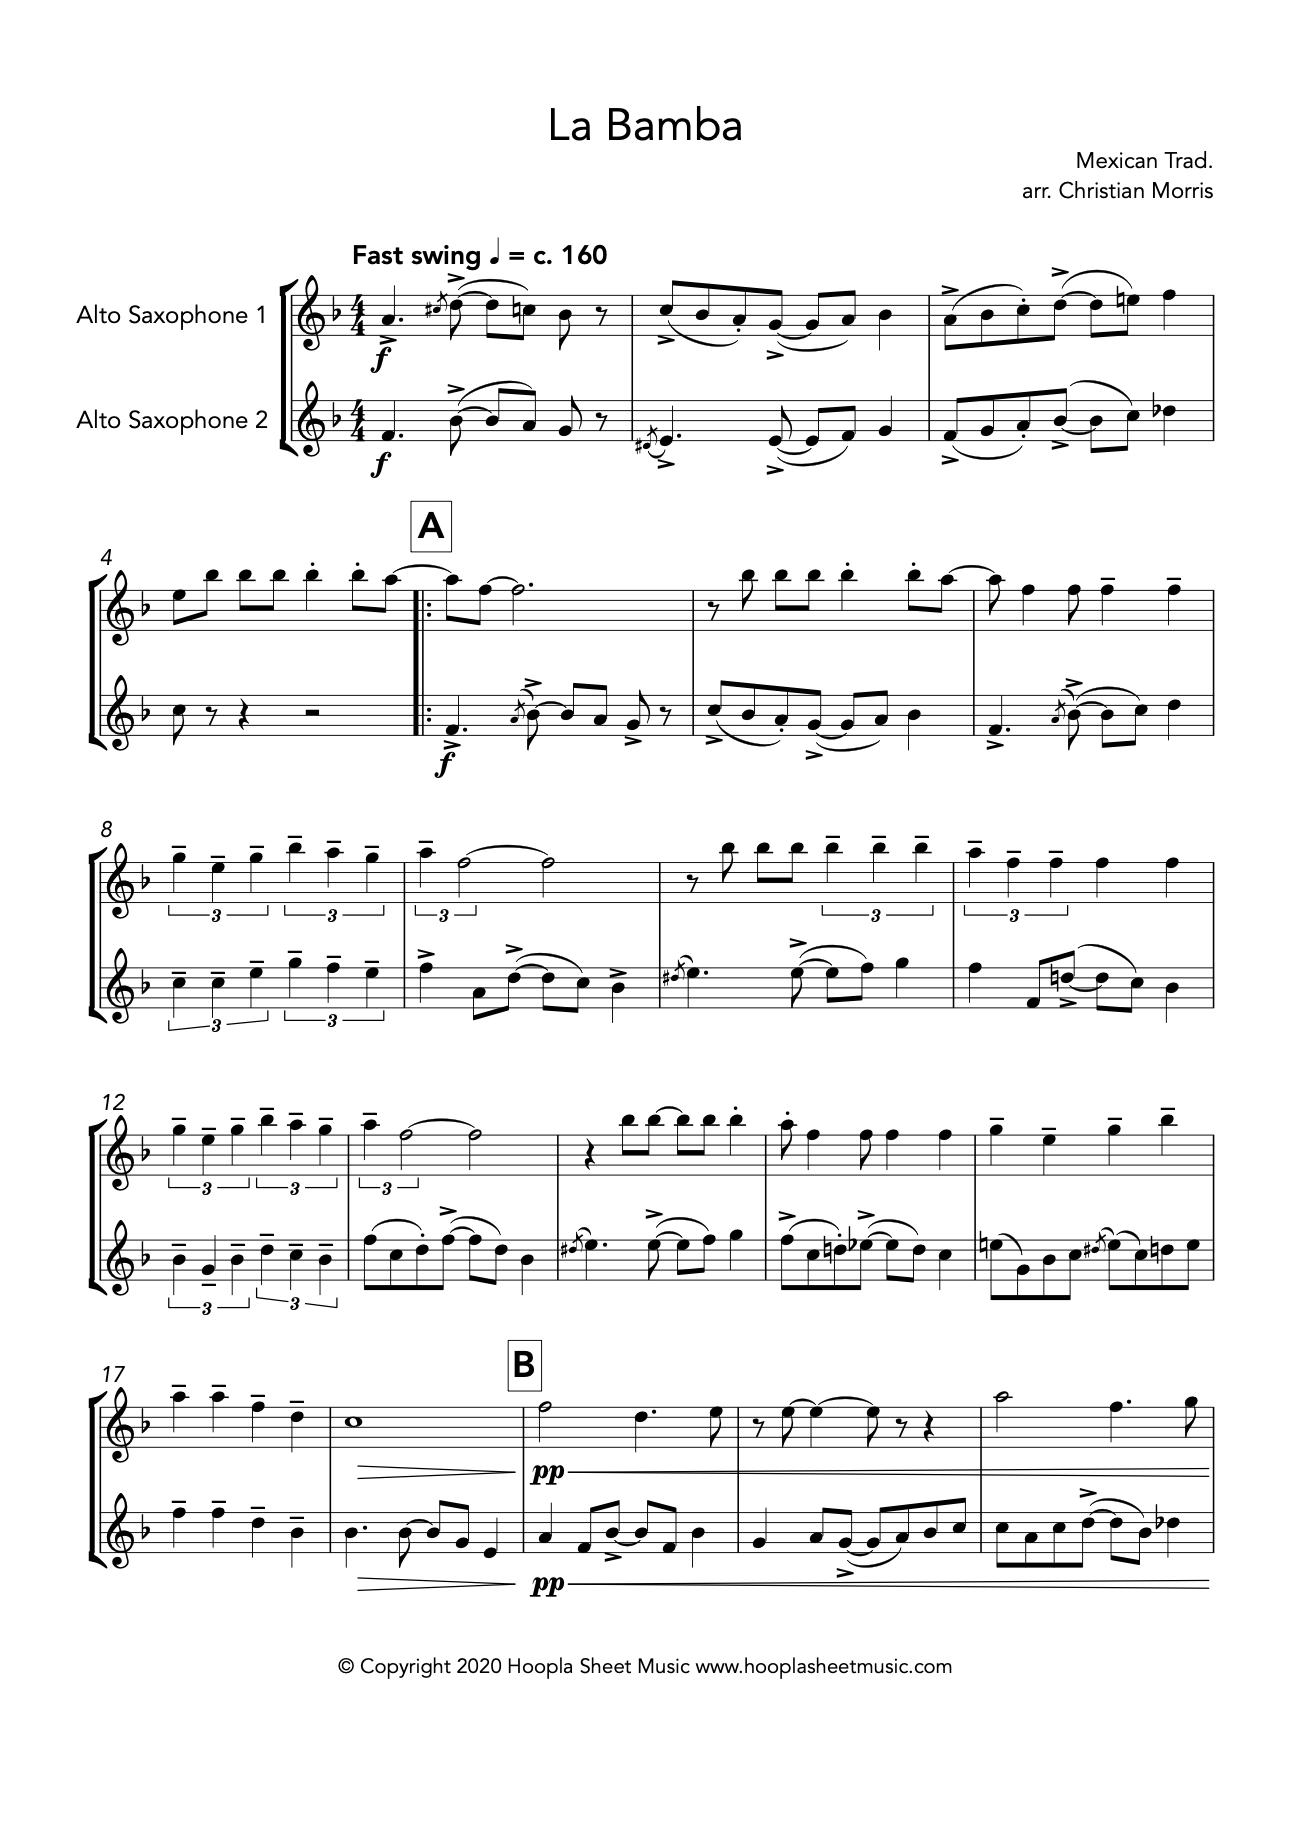 La Bamba (Alto Saxophone Duet)